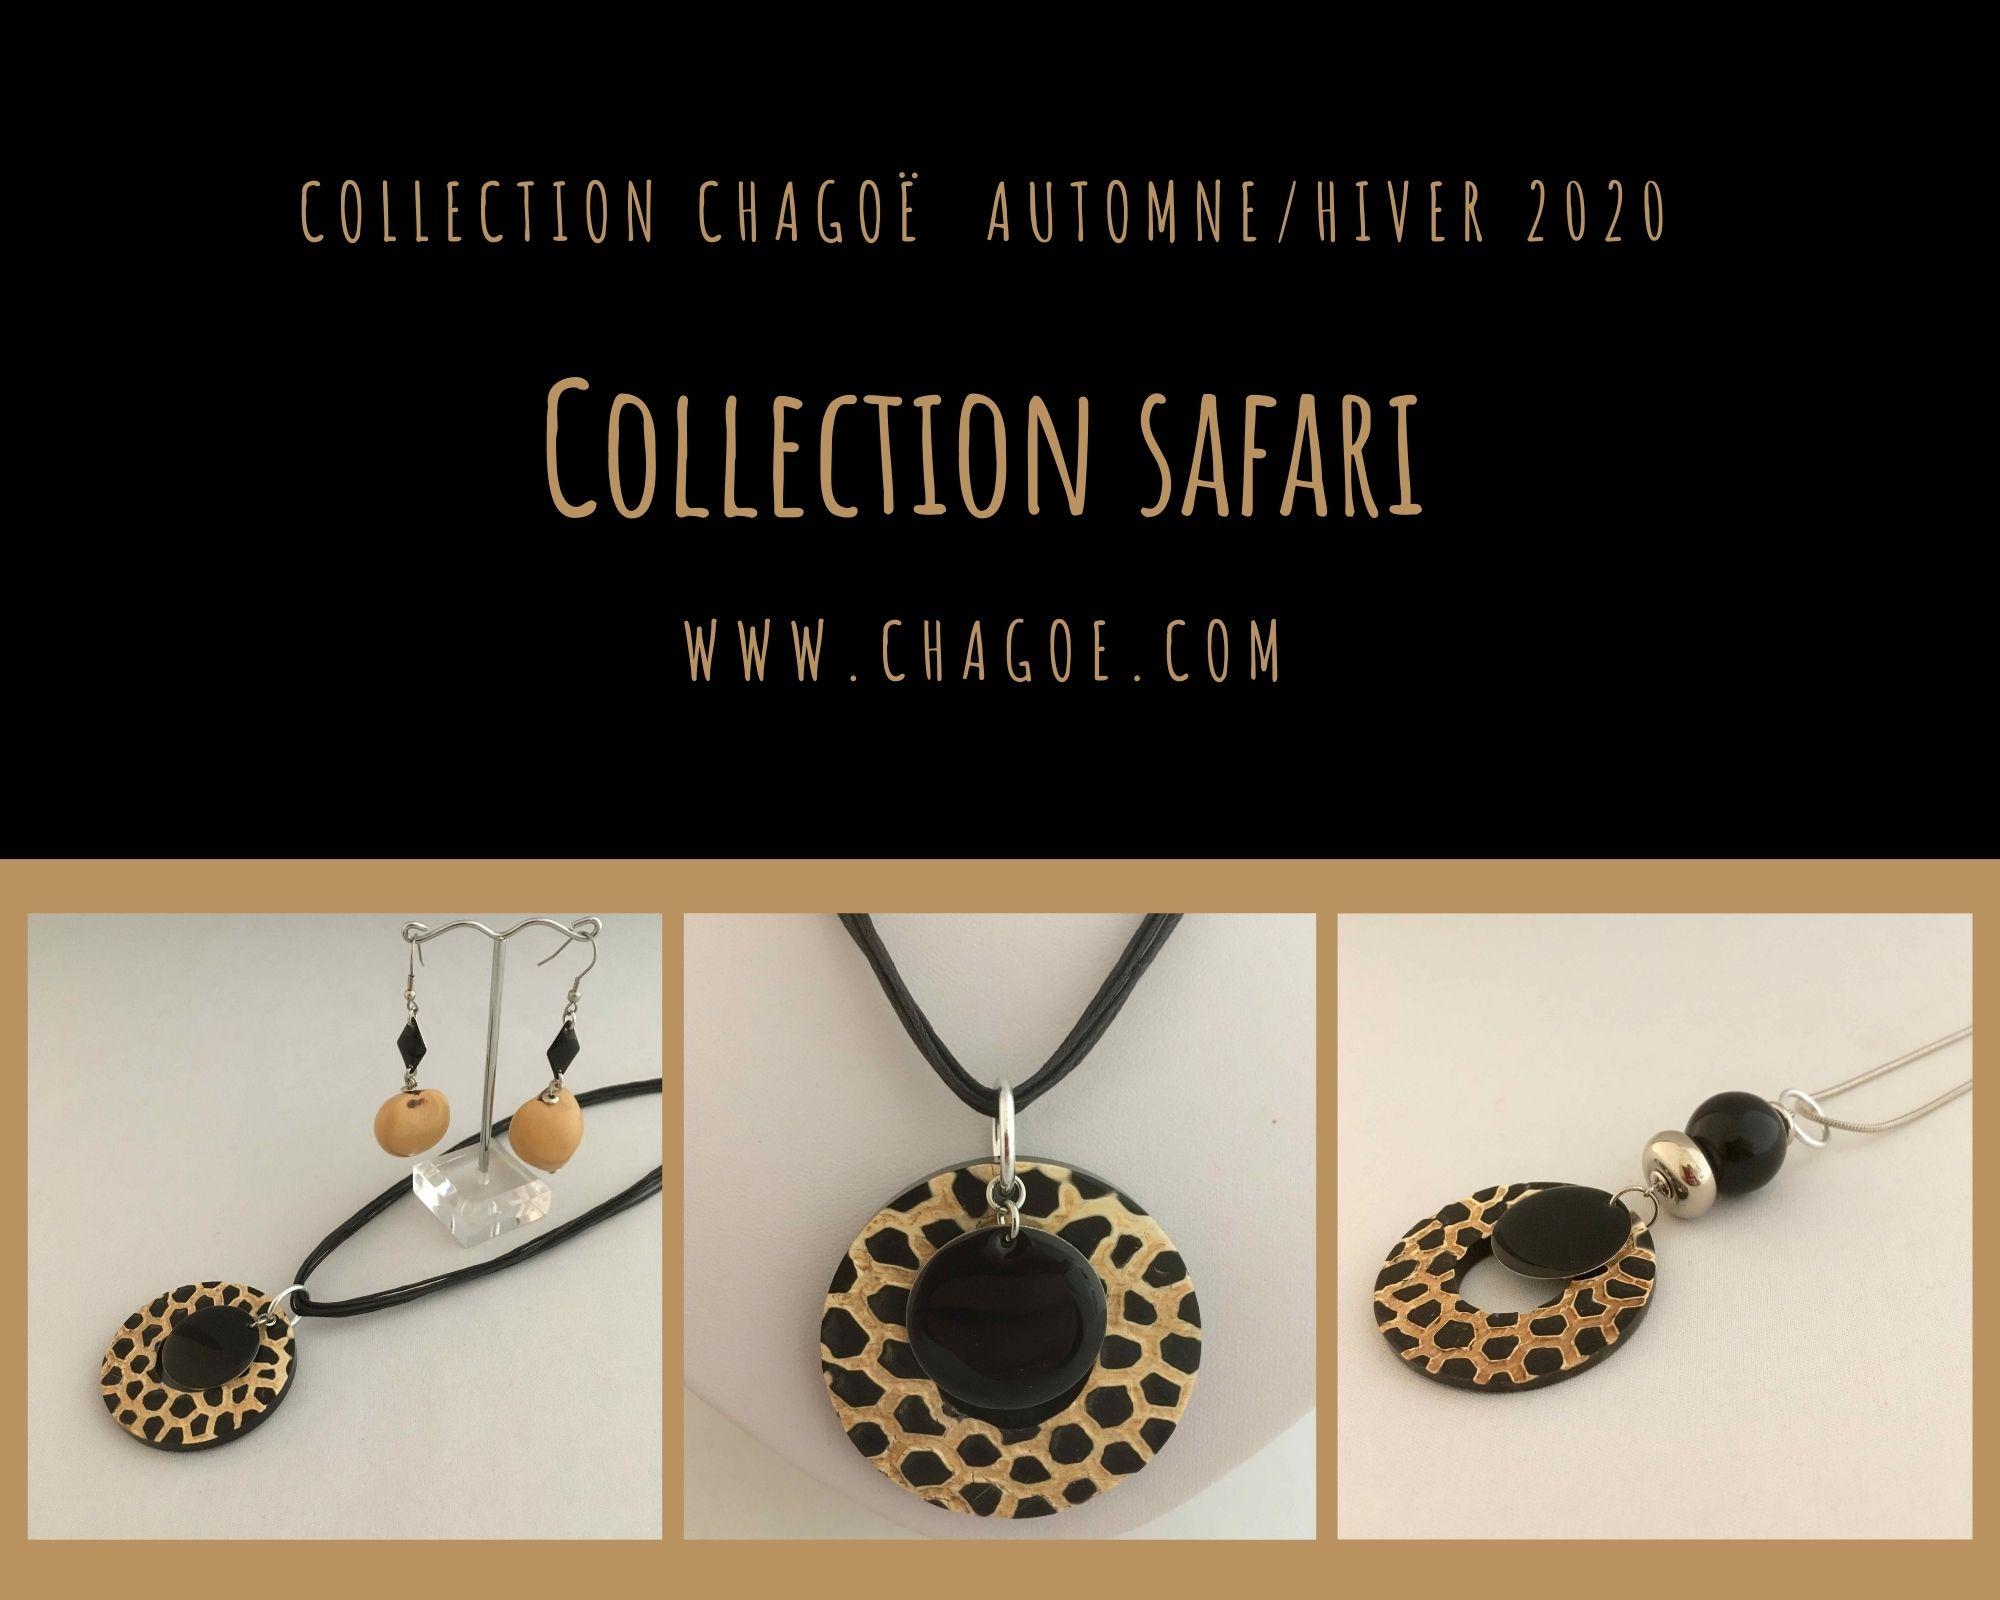 Collection SAFARI Chagoë , Automne/Hiver 2020